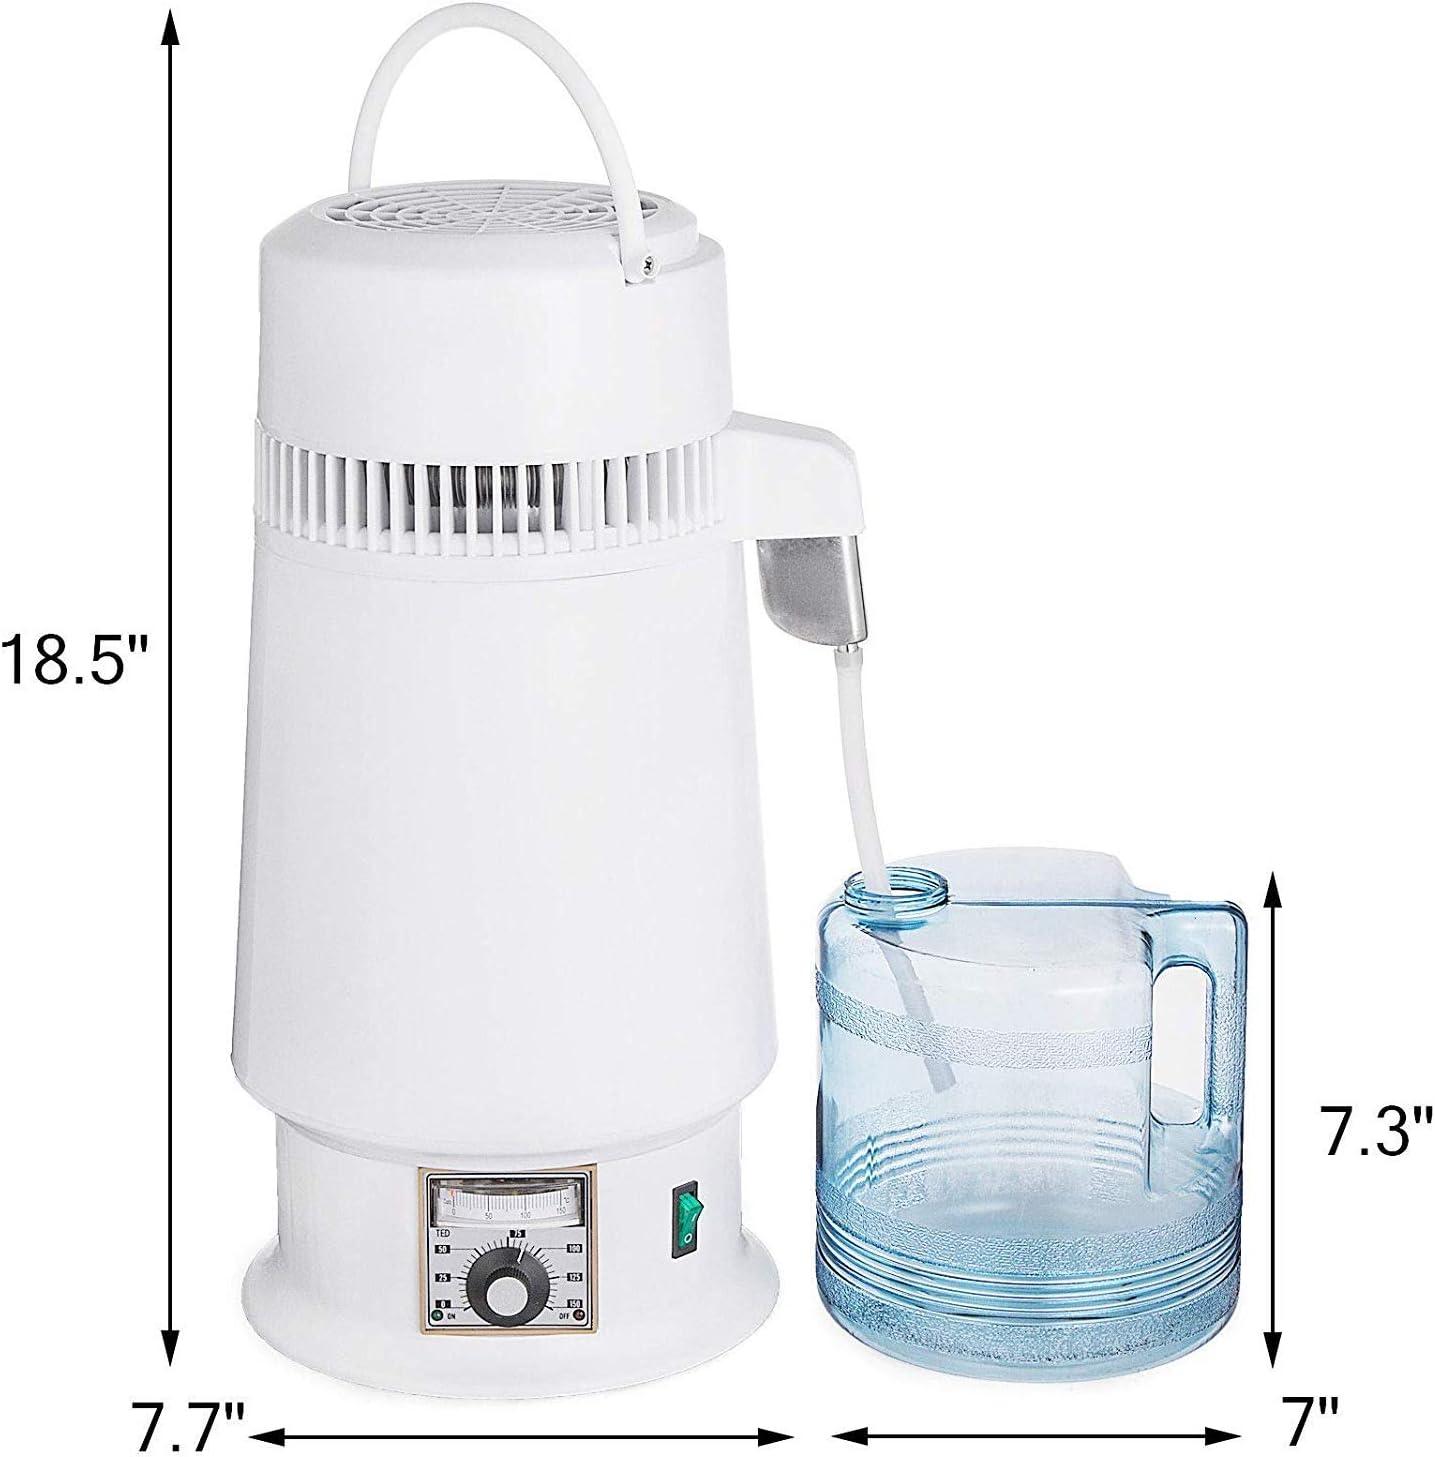 Plata Moracle Destilador de Agua de Acero Inoxidable 750W Destilaci/ón de Agua Destilador de Agua de 4 L